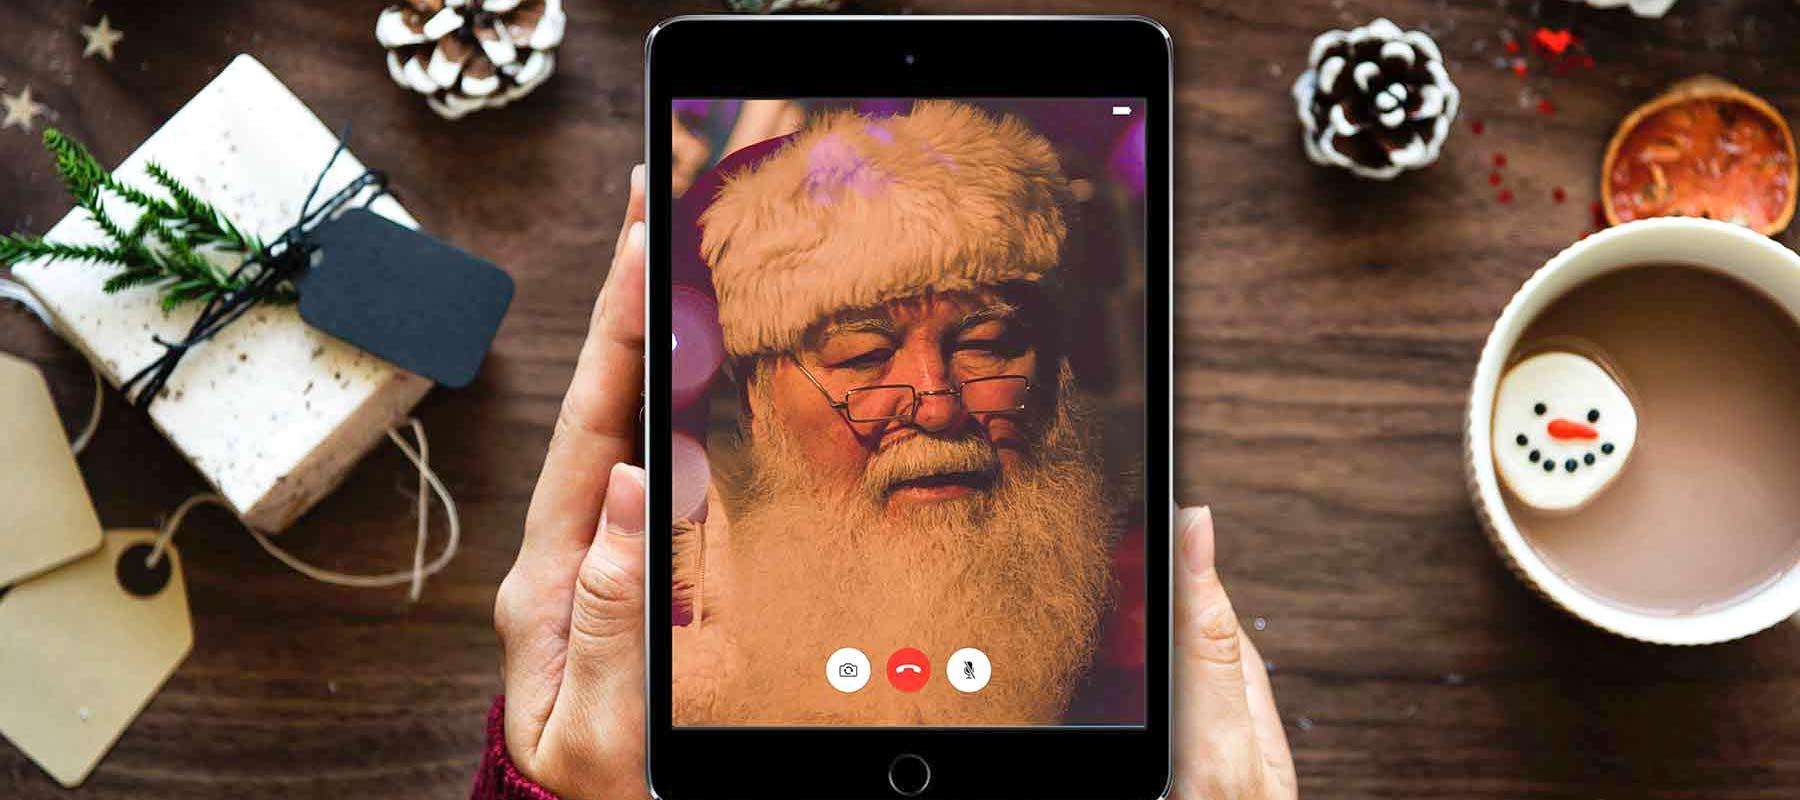 Caro Babbo Natale, quest'anno vorrei… aumentare le vendite online!